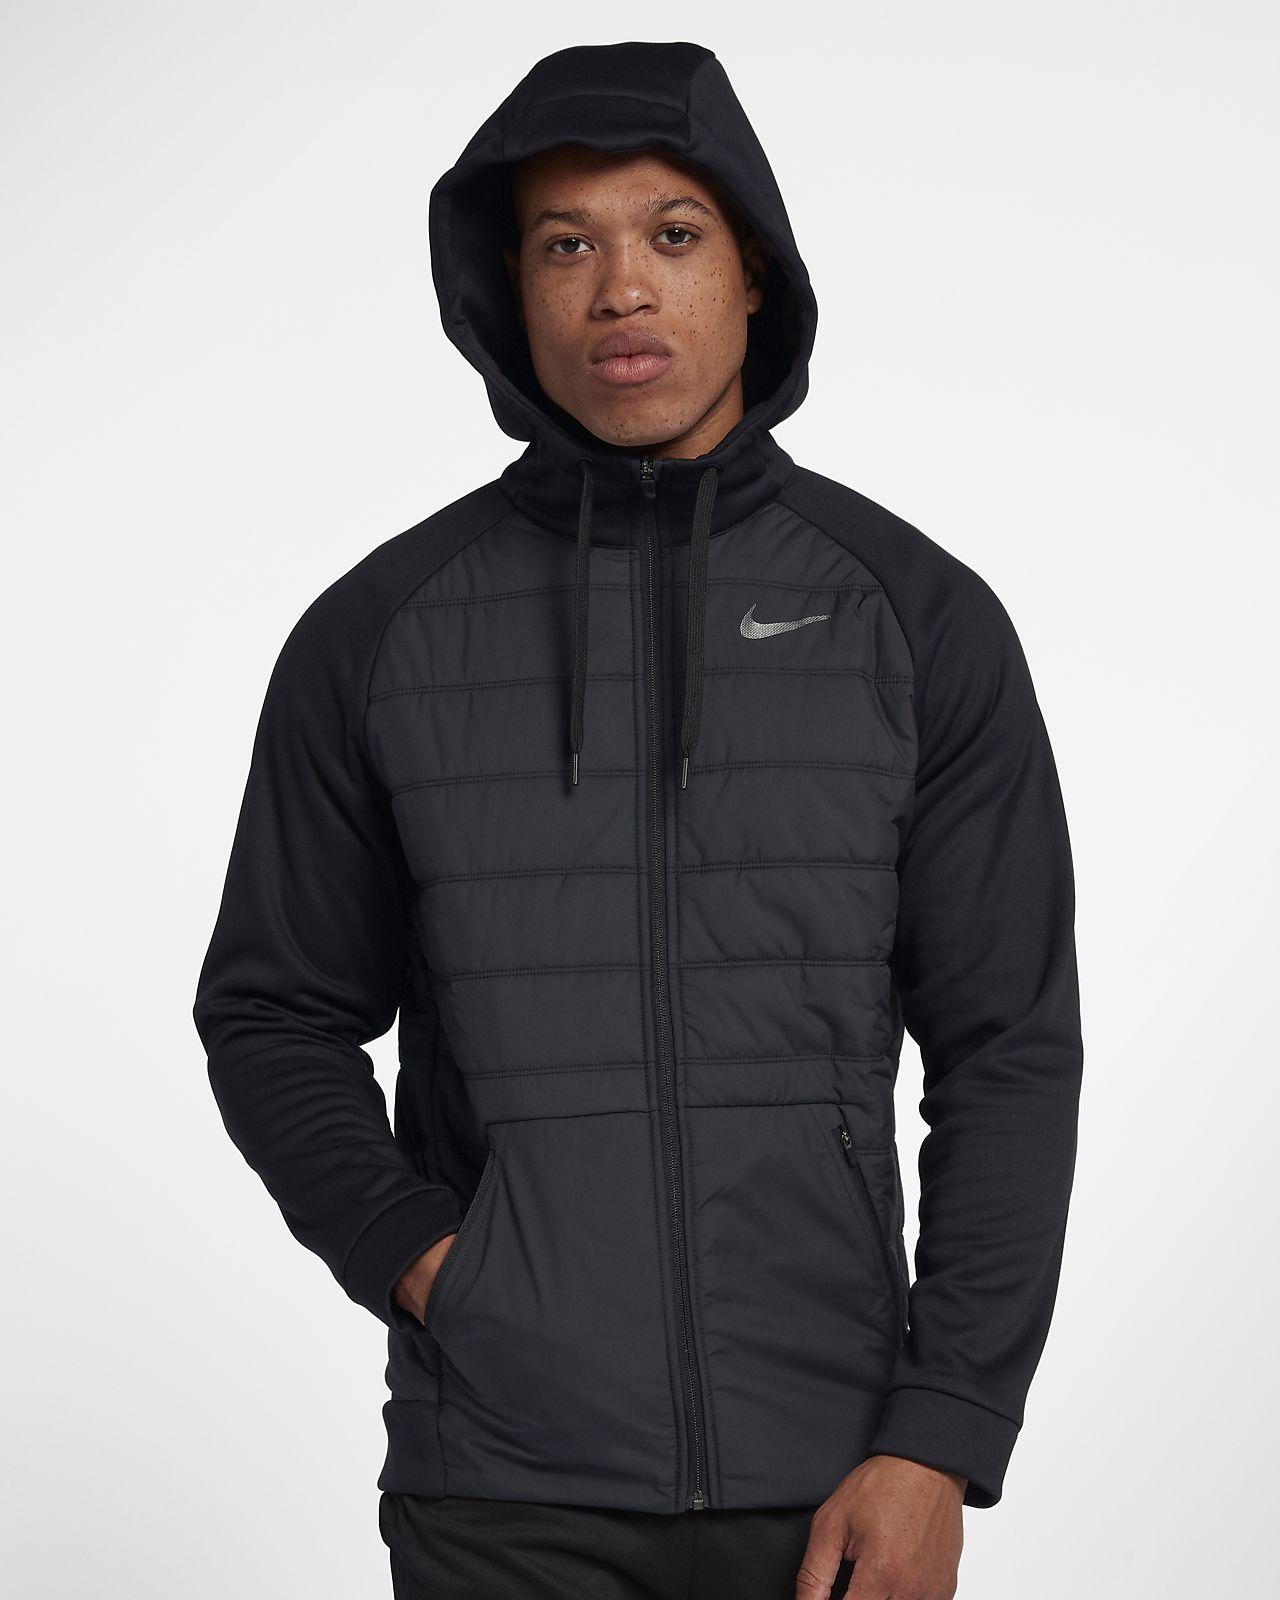 bbe41c7bd Sweat à capuche entièrement zippé Nike Therma Winterized pour Homme